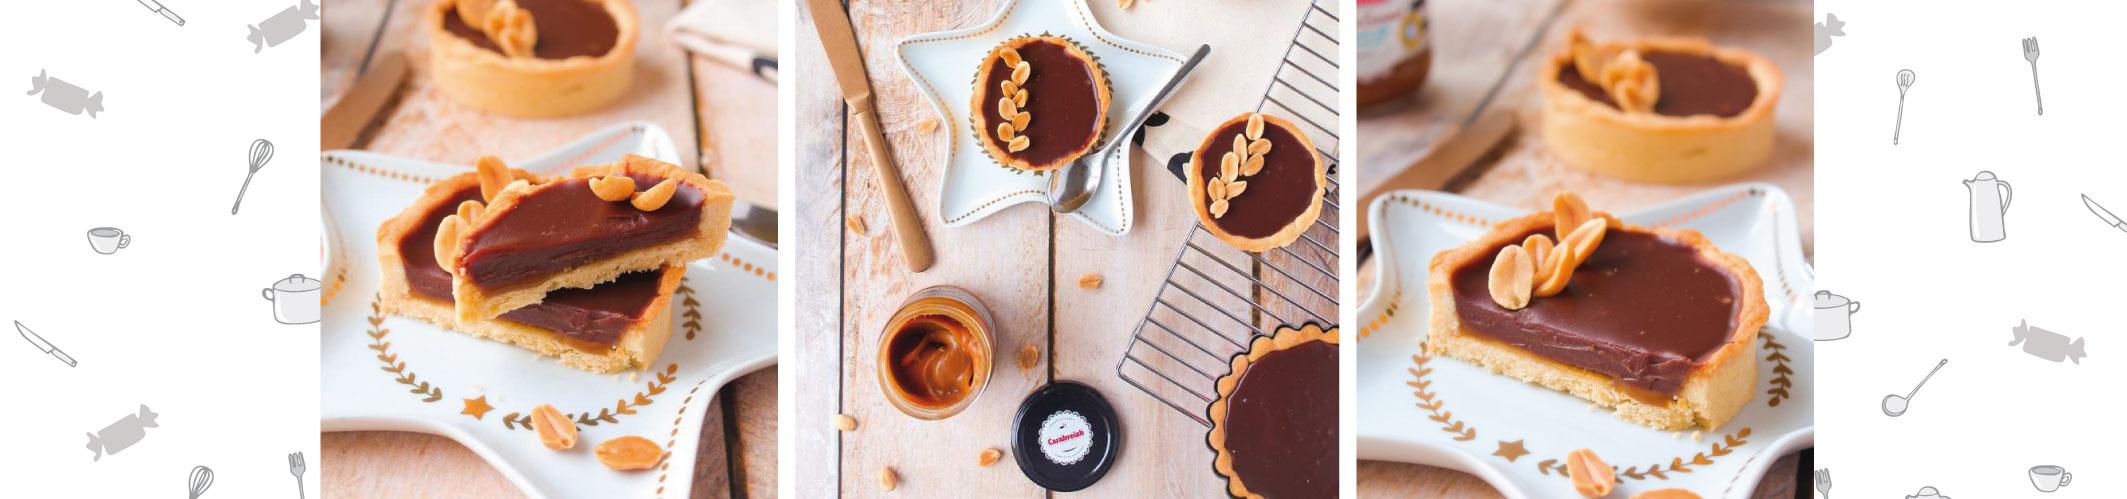 Tartelettes Chocolat  & Caramel beurre salé